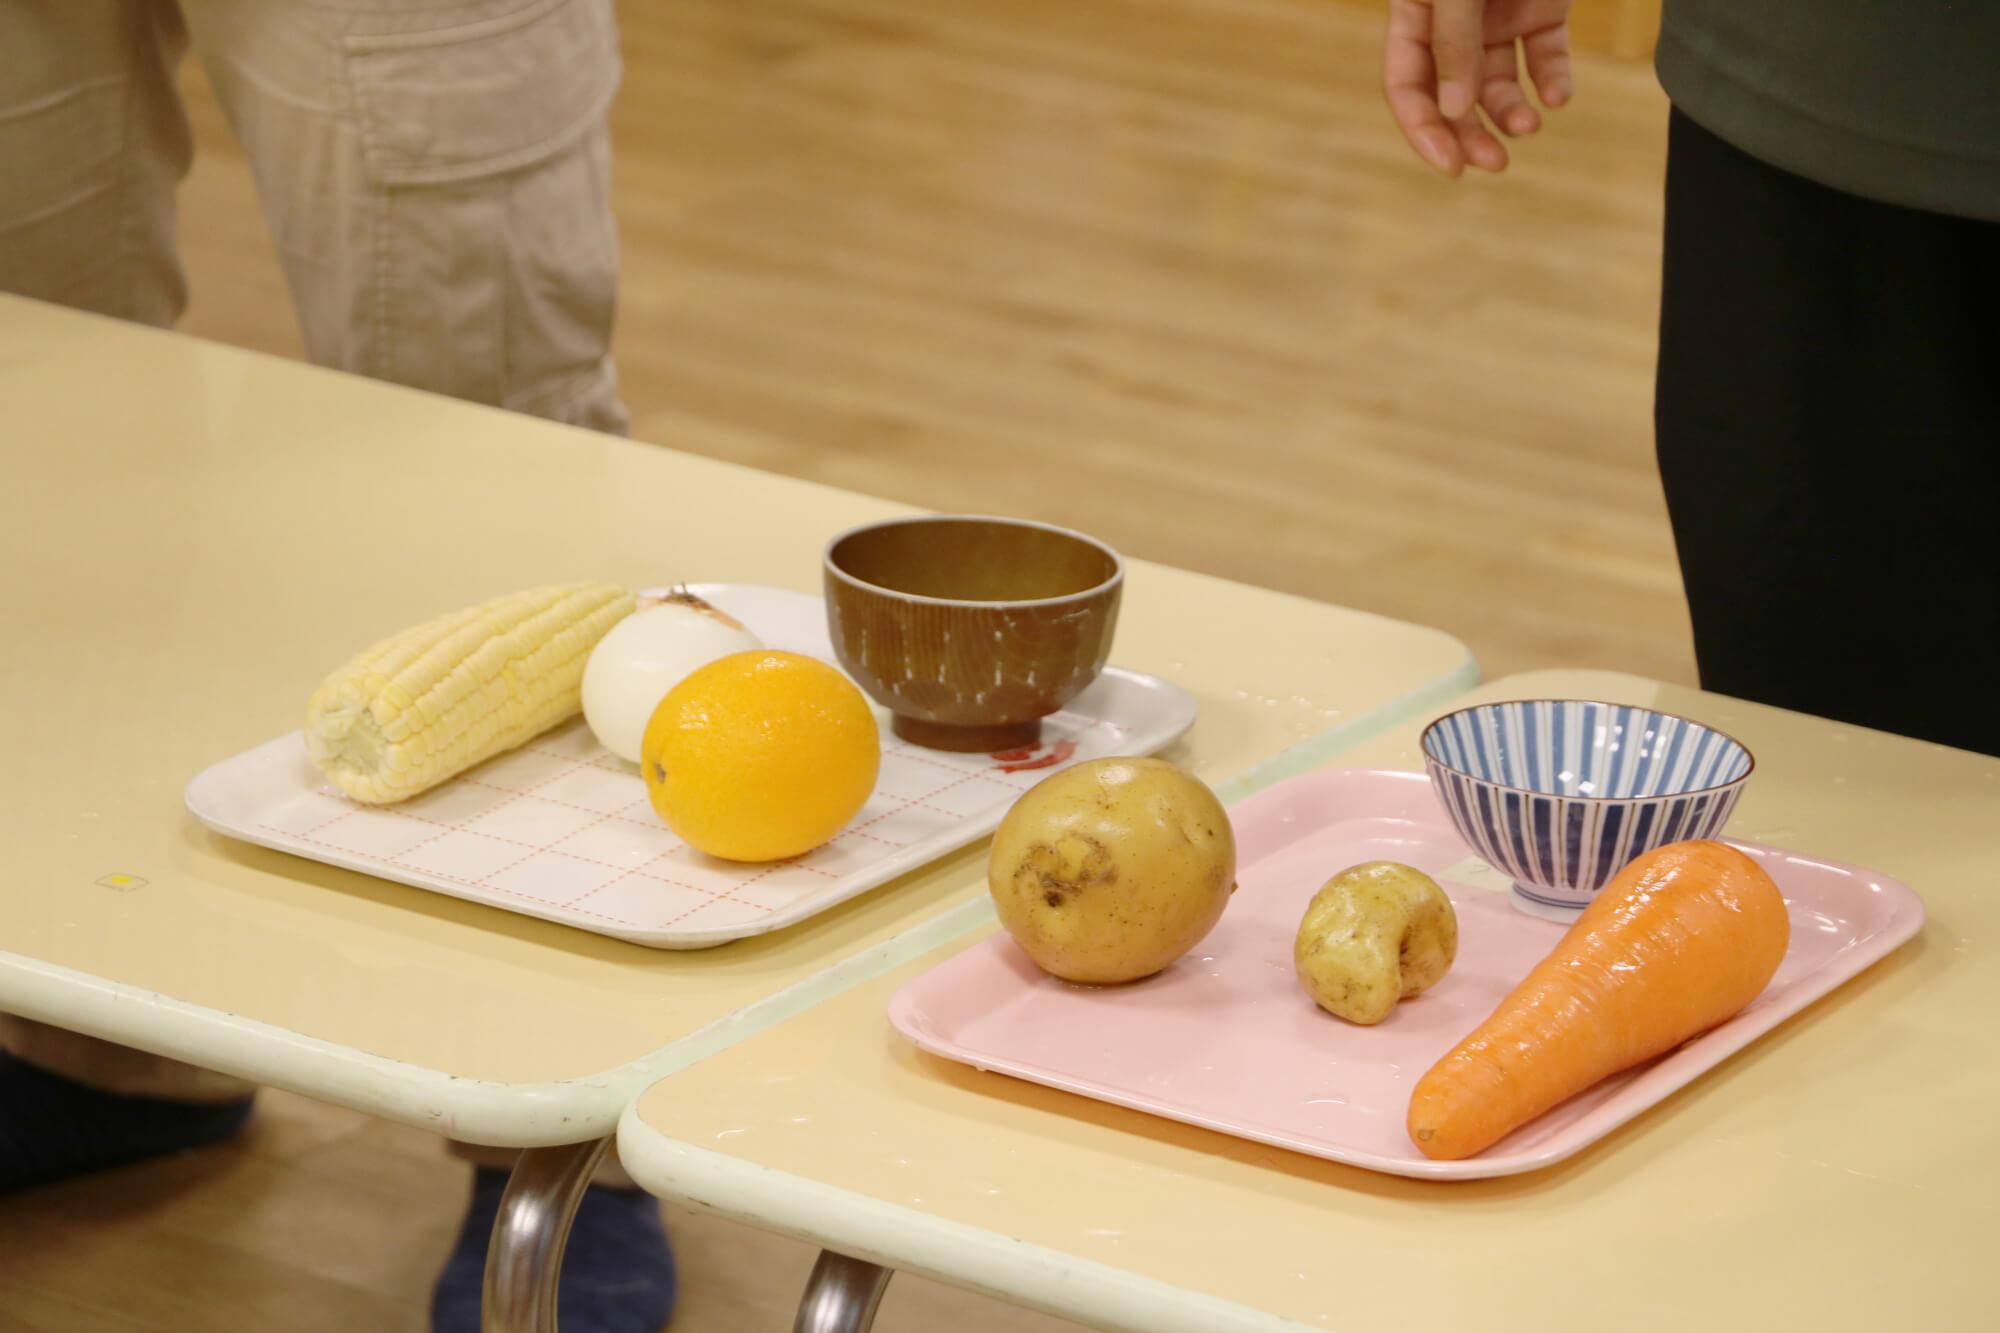 実験のために用意した野菜や食器